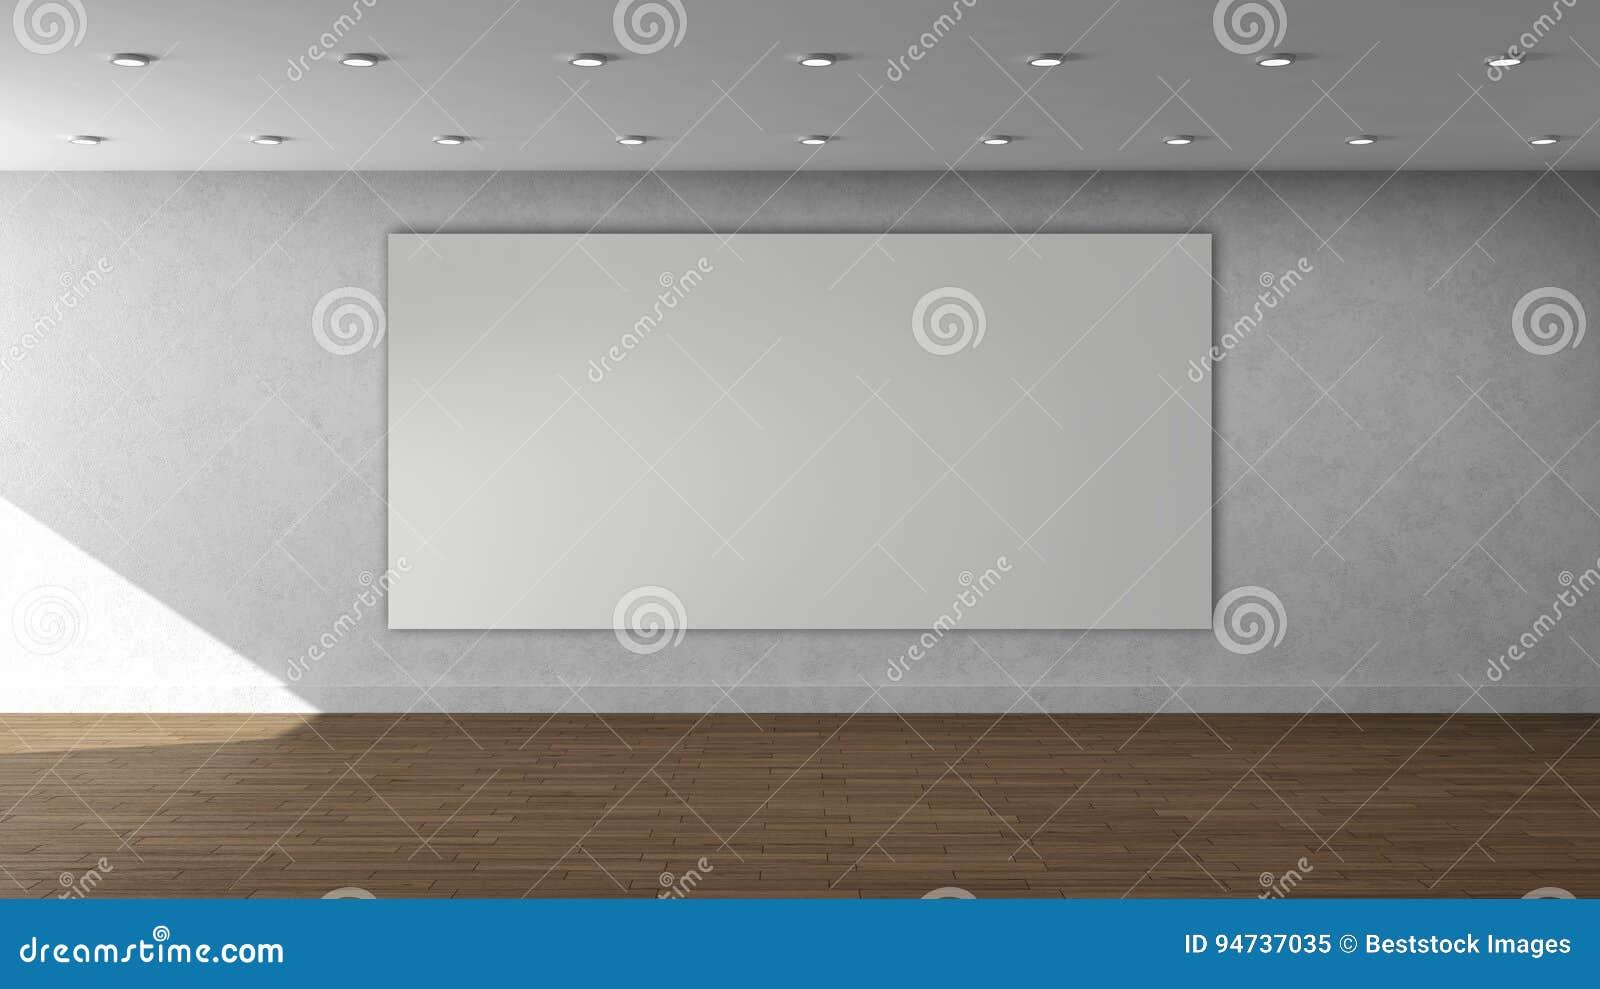 Plantilla interior vacía de la pared blanca de alta resolución con el marco rectangular del color blanco grande en la pared delan